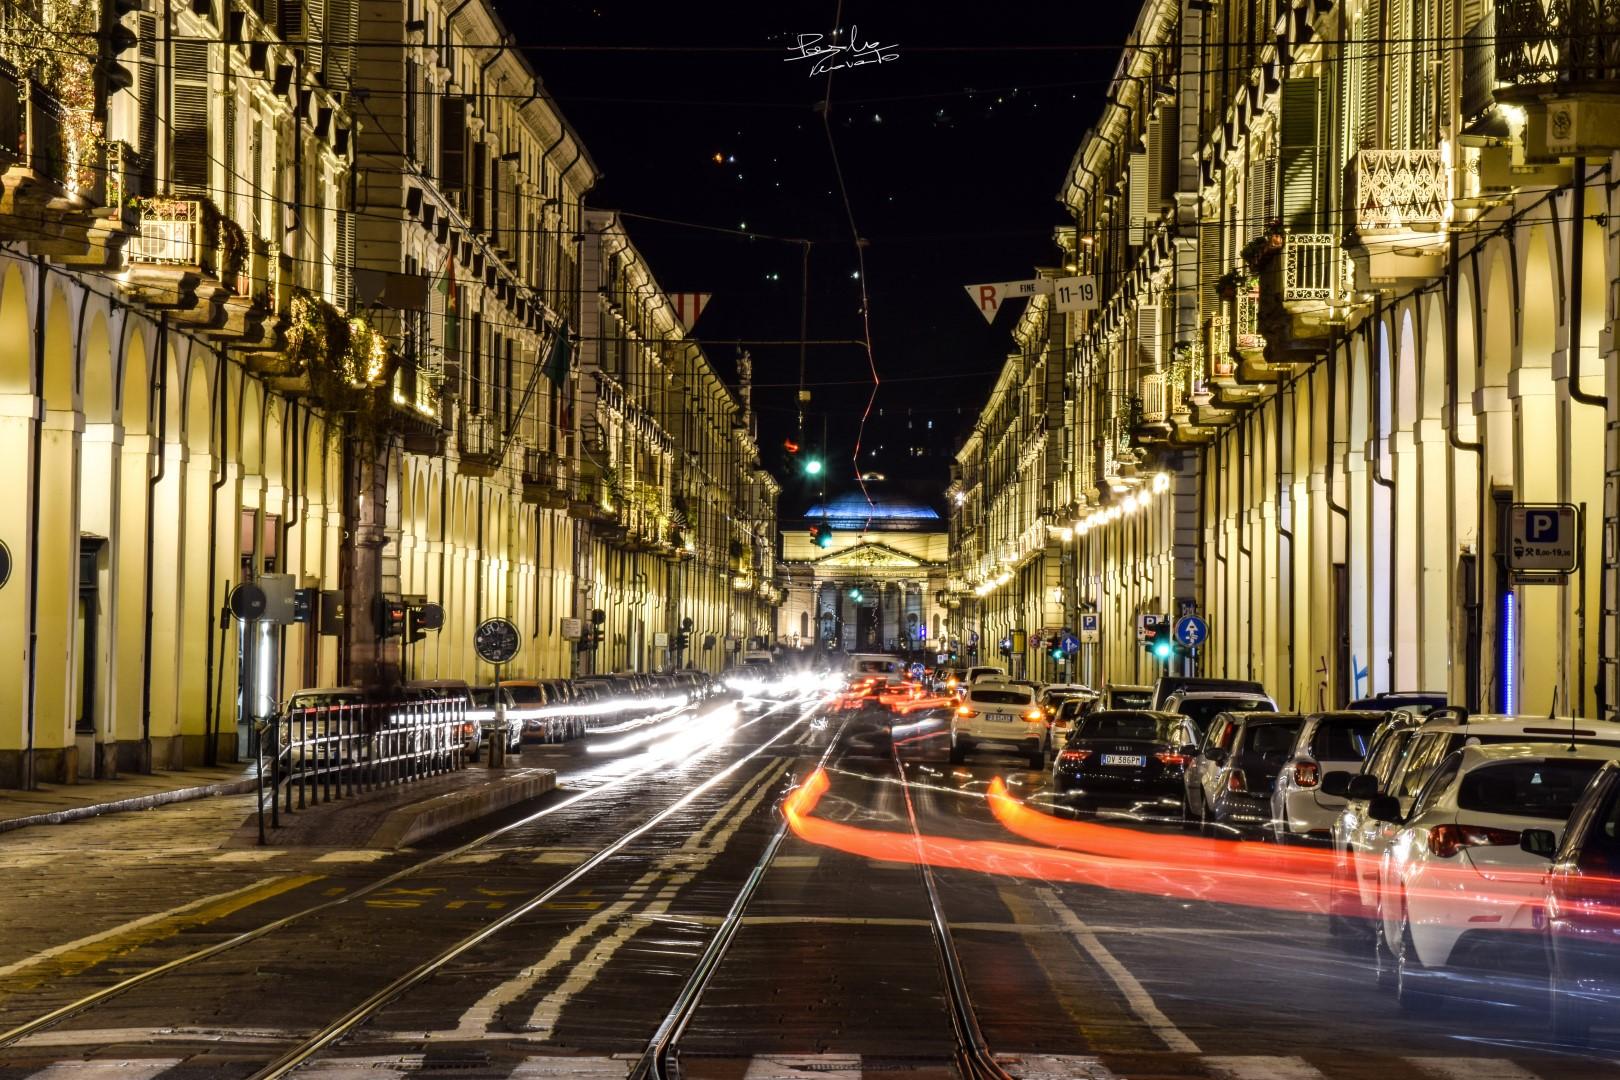 Via Po - Gran Madre - Turin...